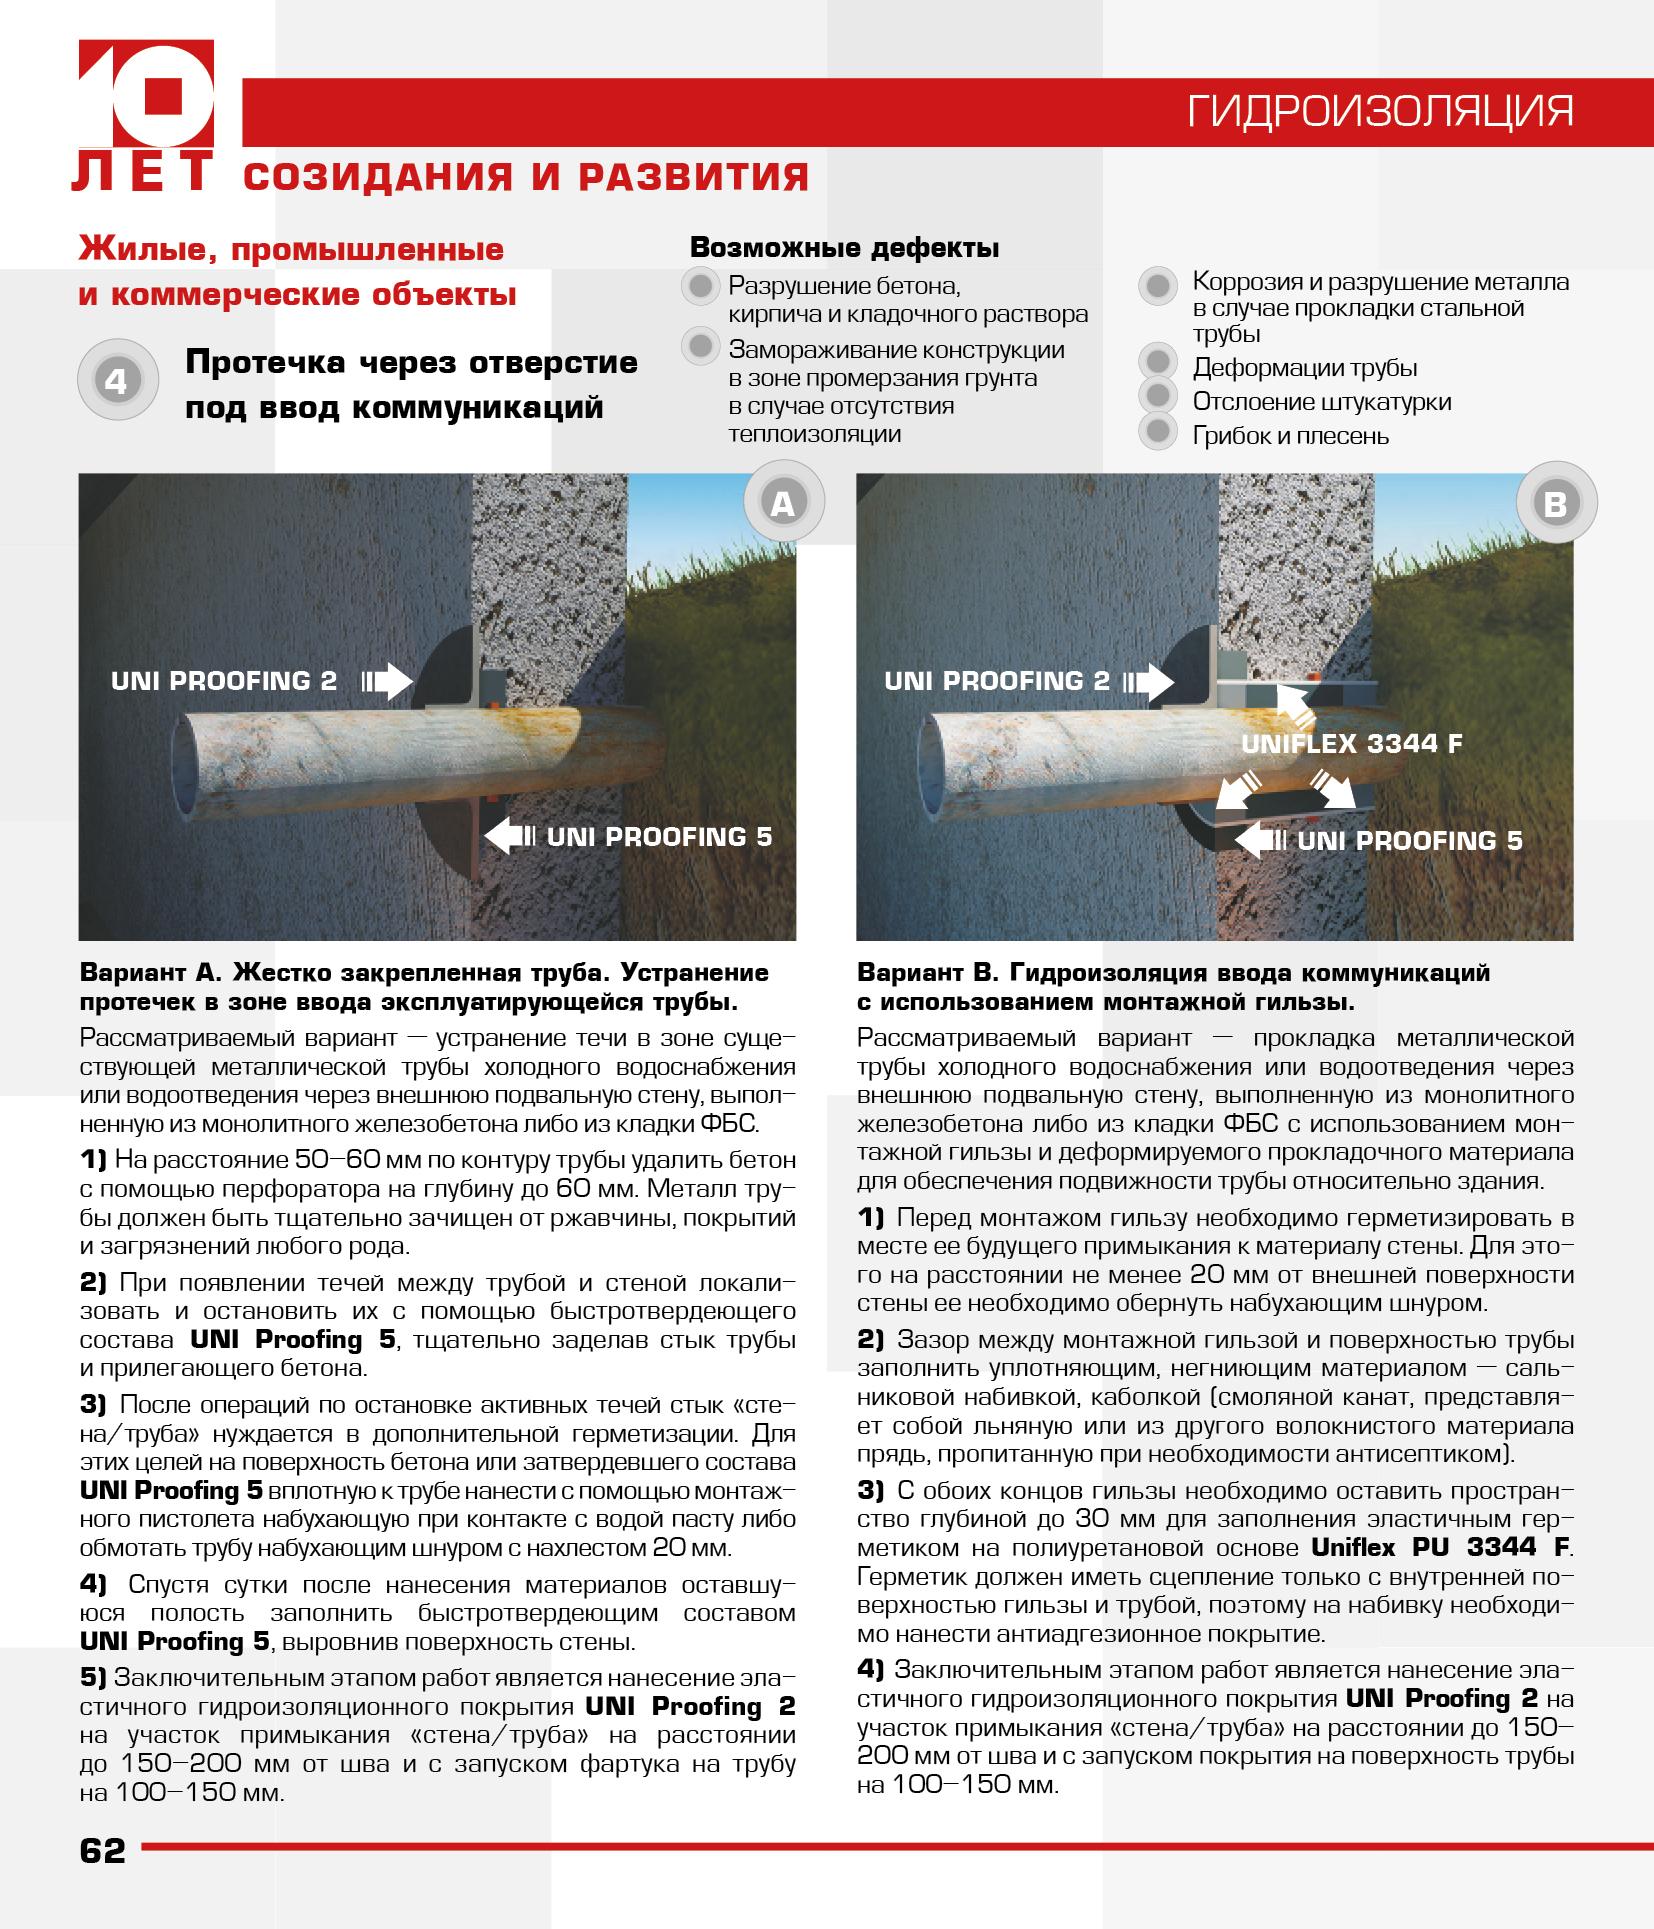 Двери шумоизоляция красноярск входной